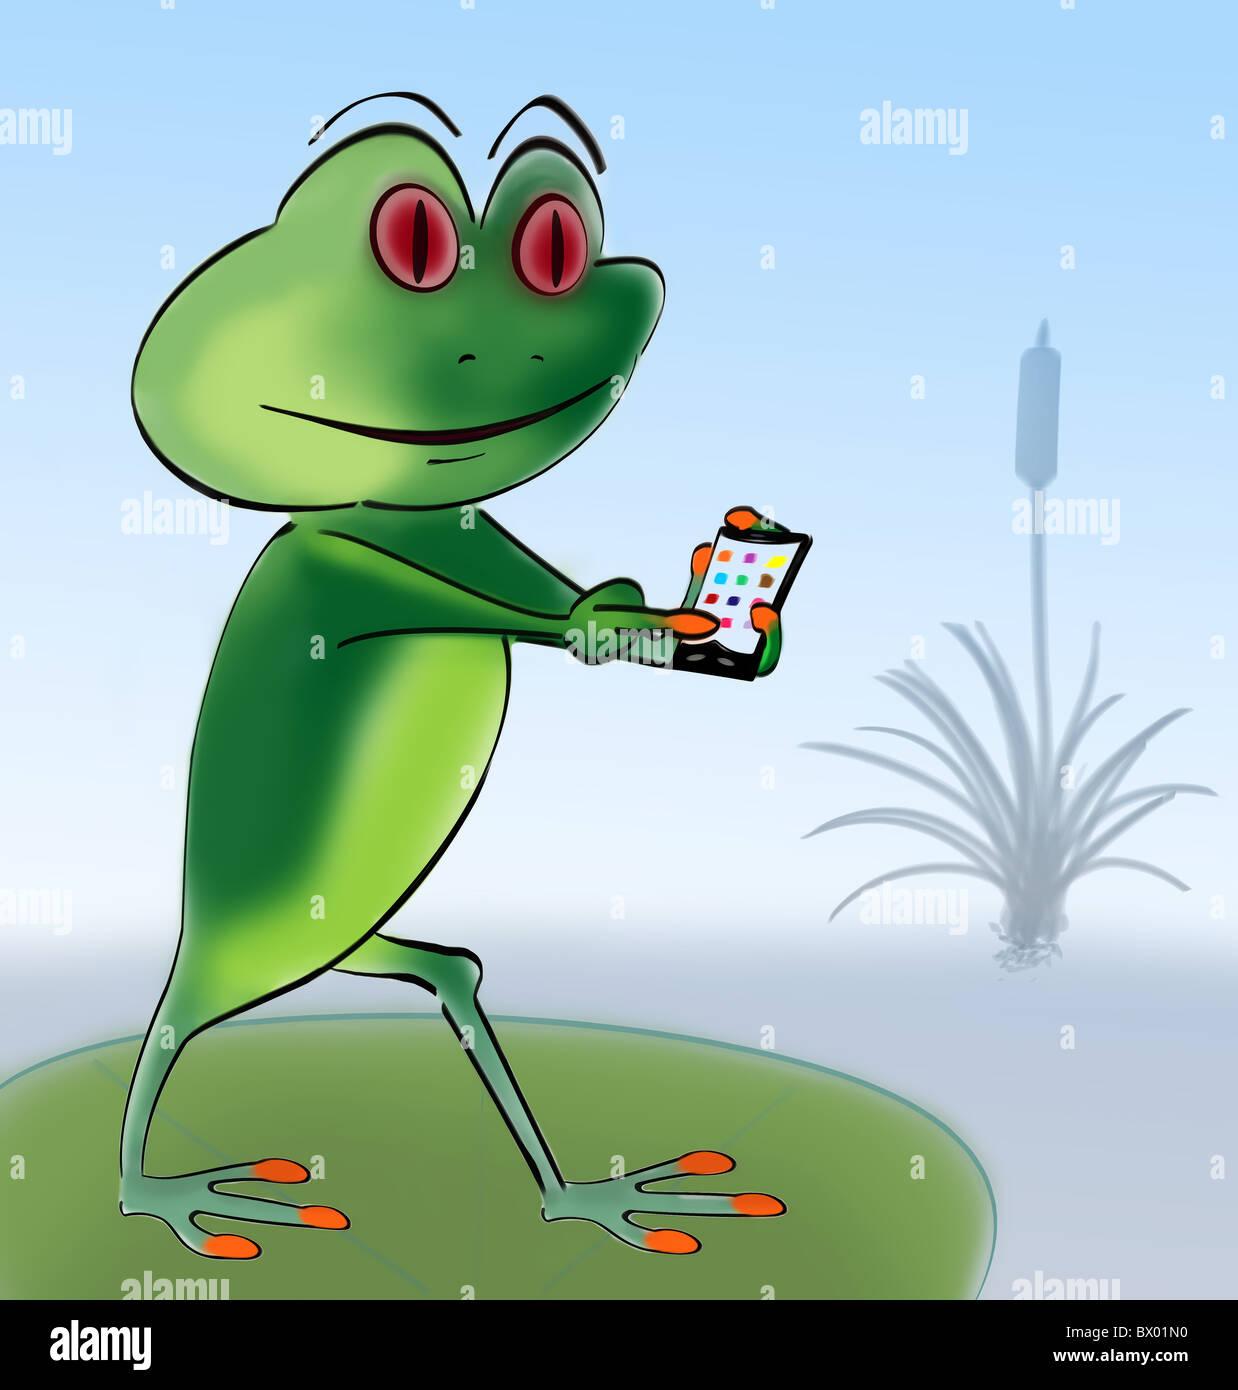 Imagen de dibujos animados de una rana usando un teléfono móvil inteligente. Imagen De Stock